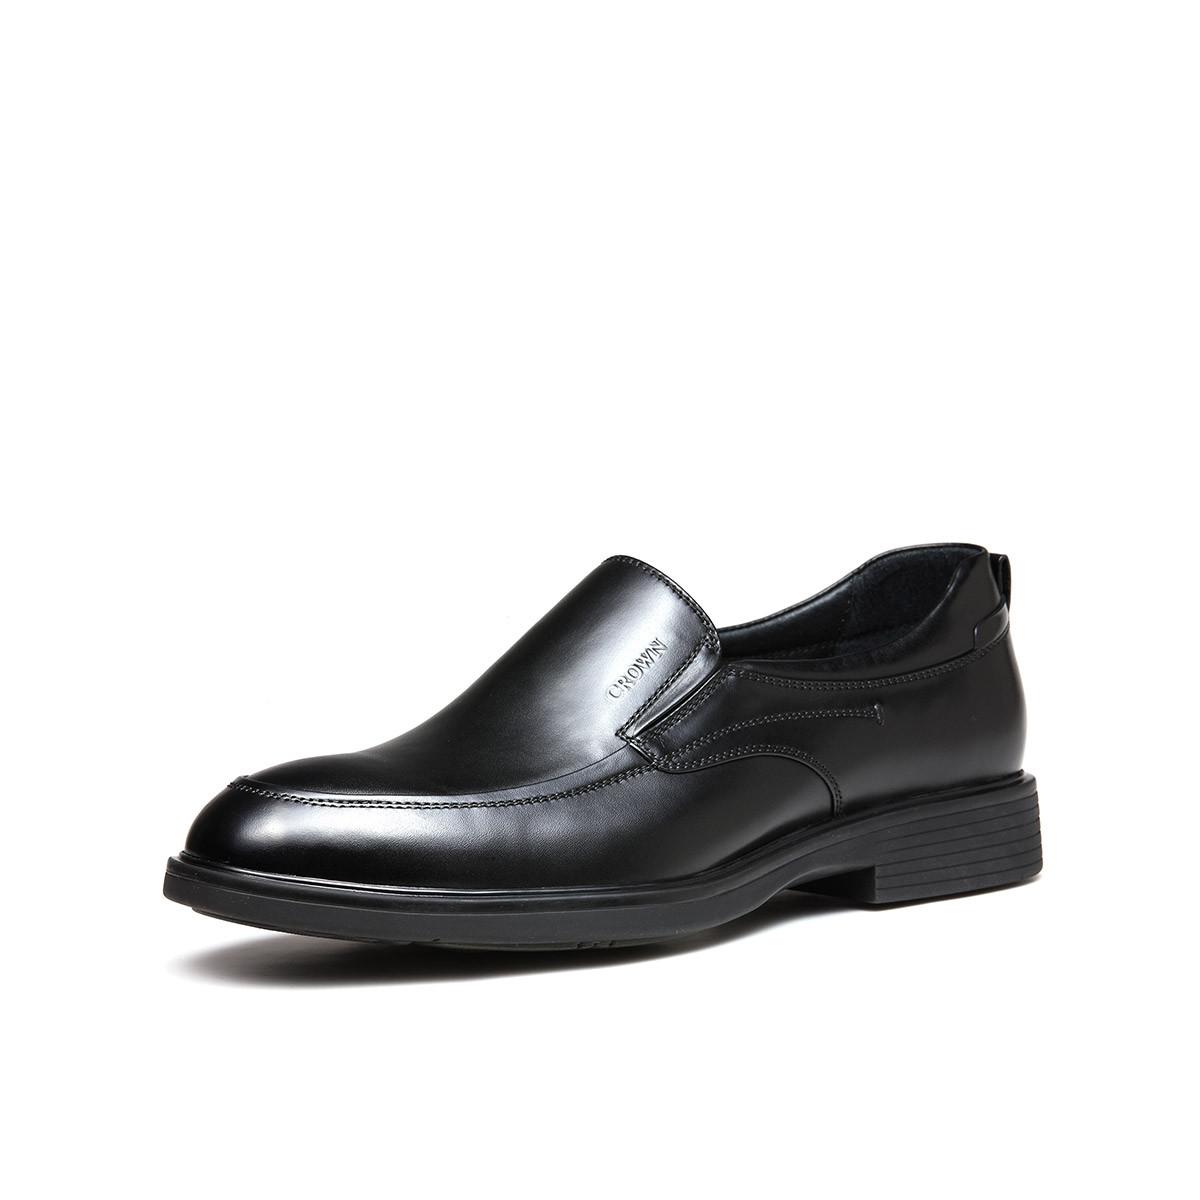 皇冠新款商务休闲鞋套脚皮鞋男真皮轻便软底乐福鞋6042A811T2